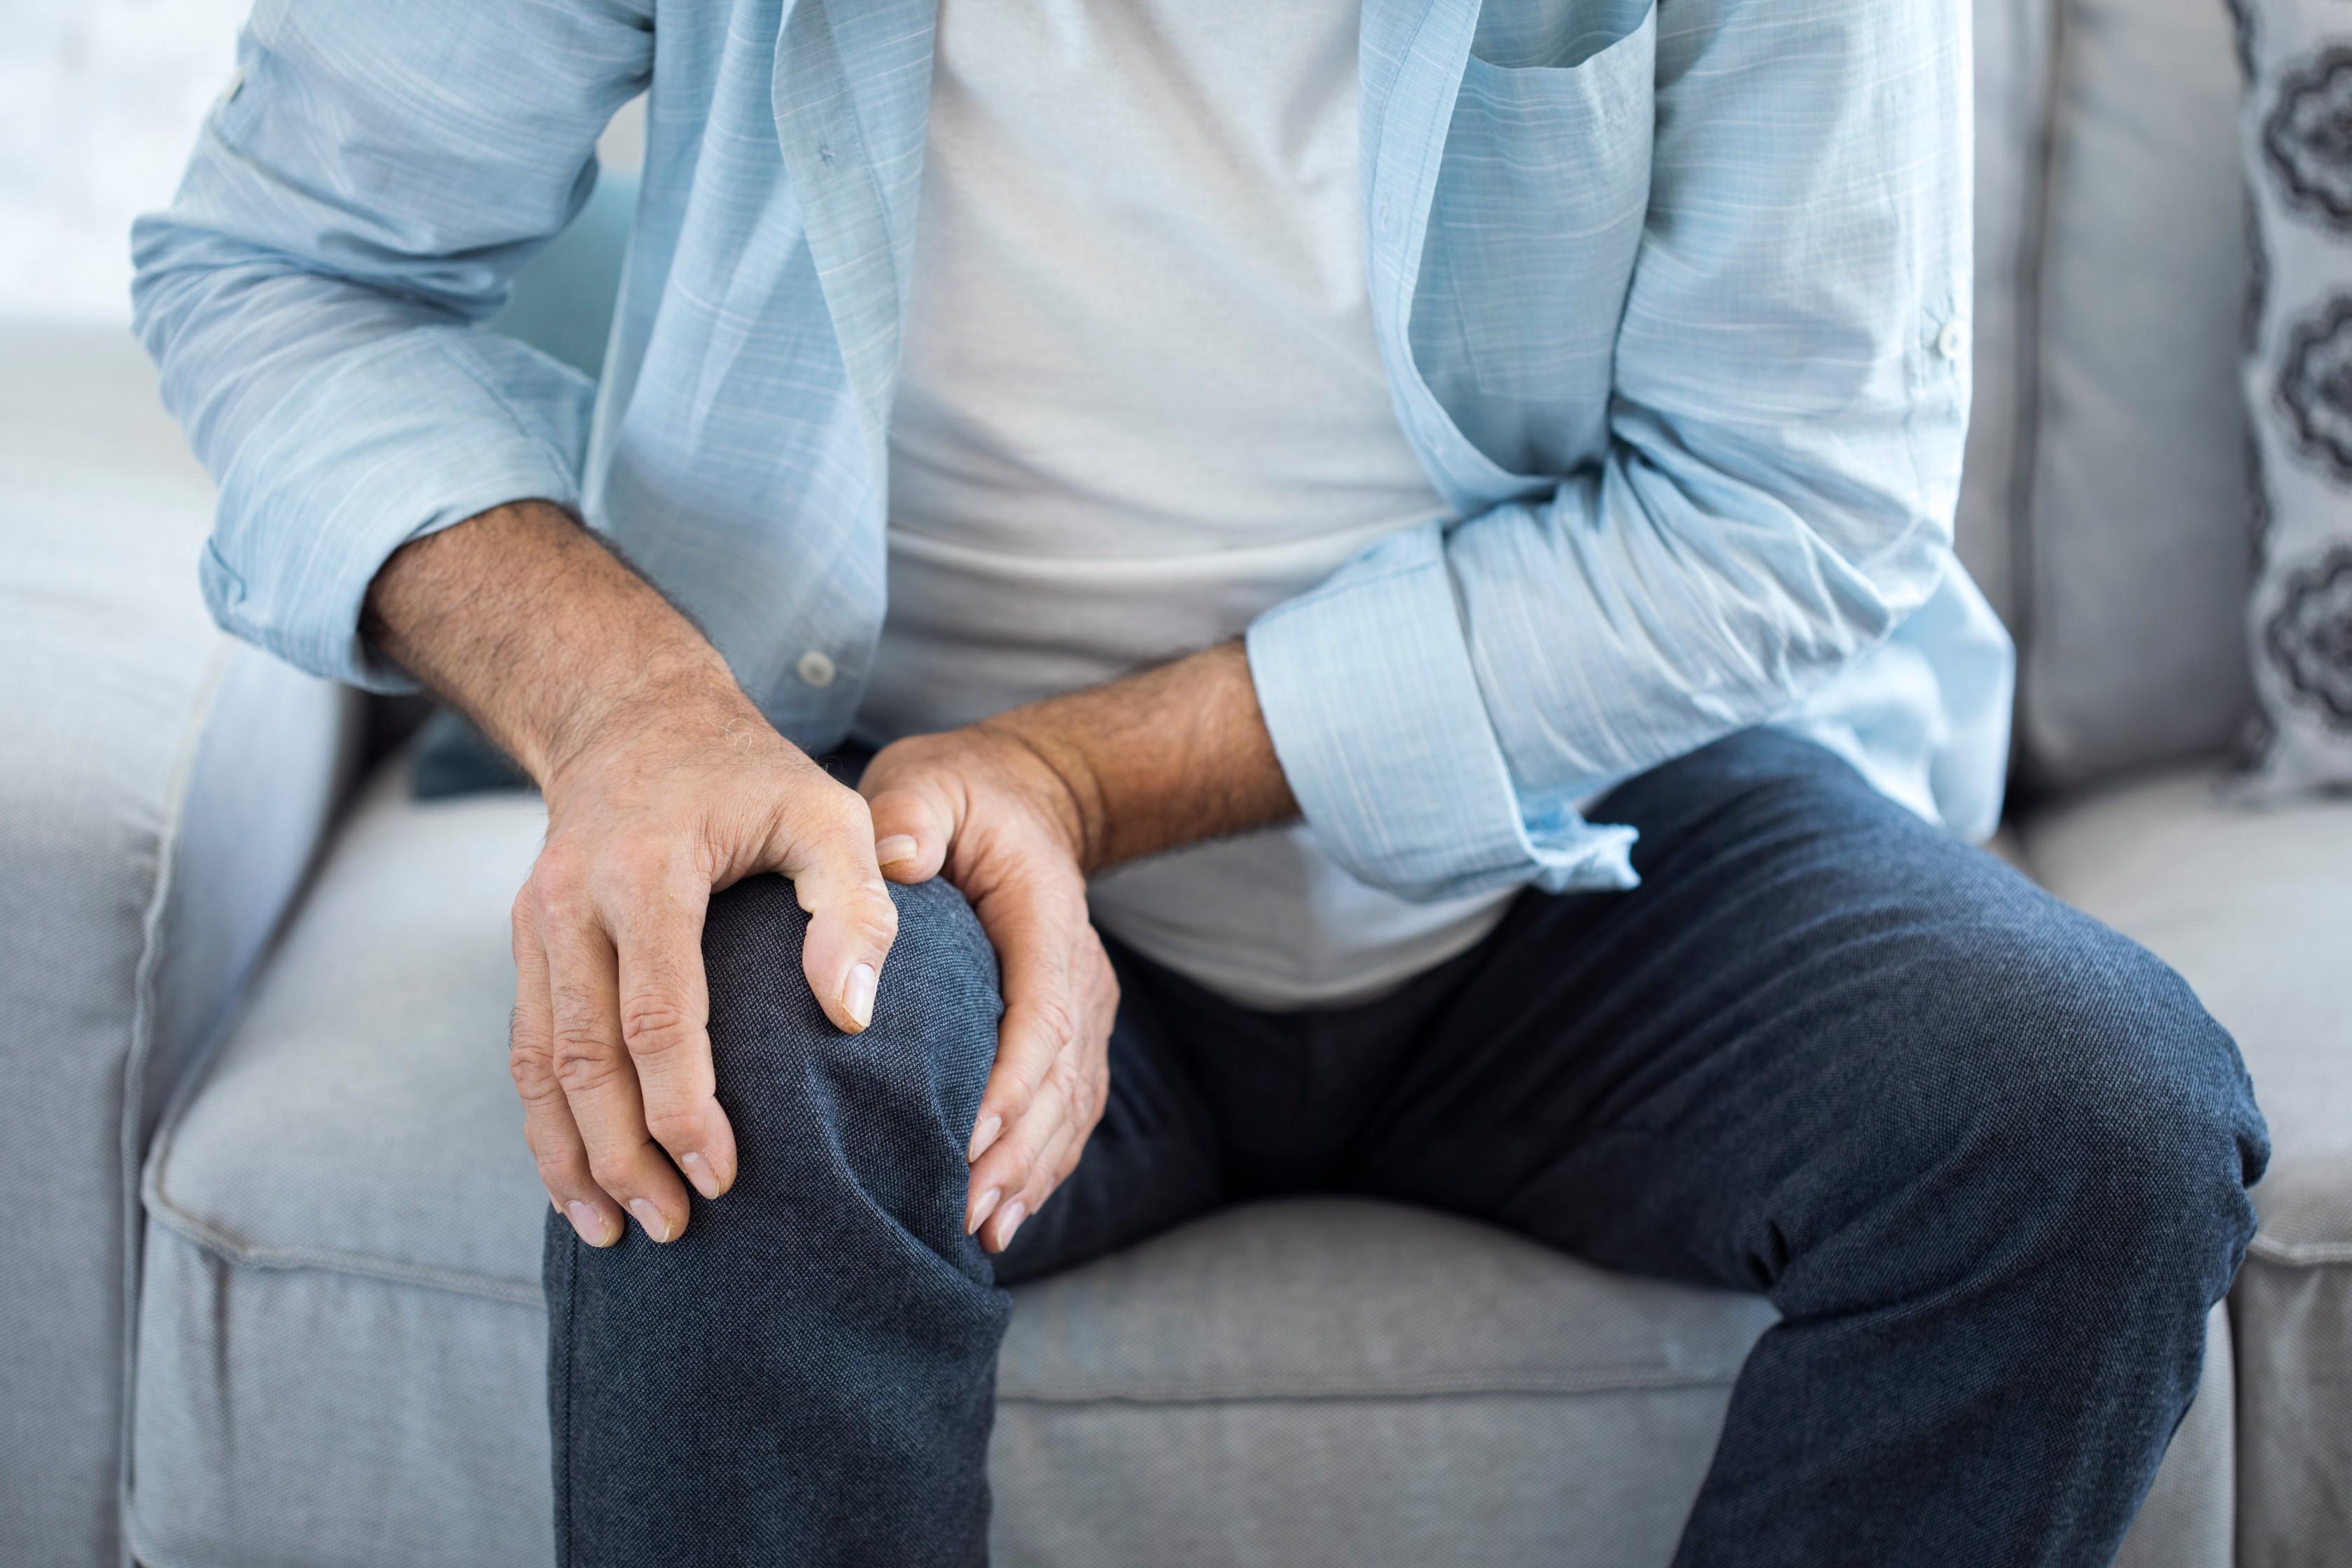 izületi fájdalom enyhítése